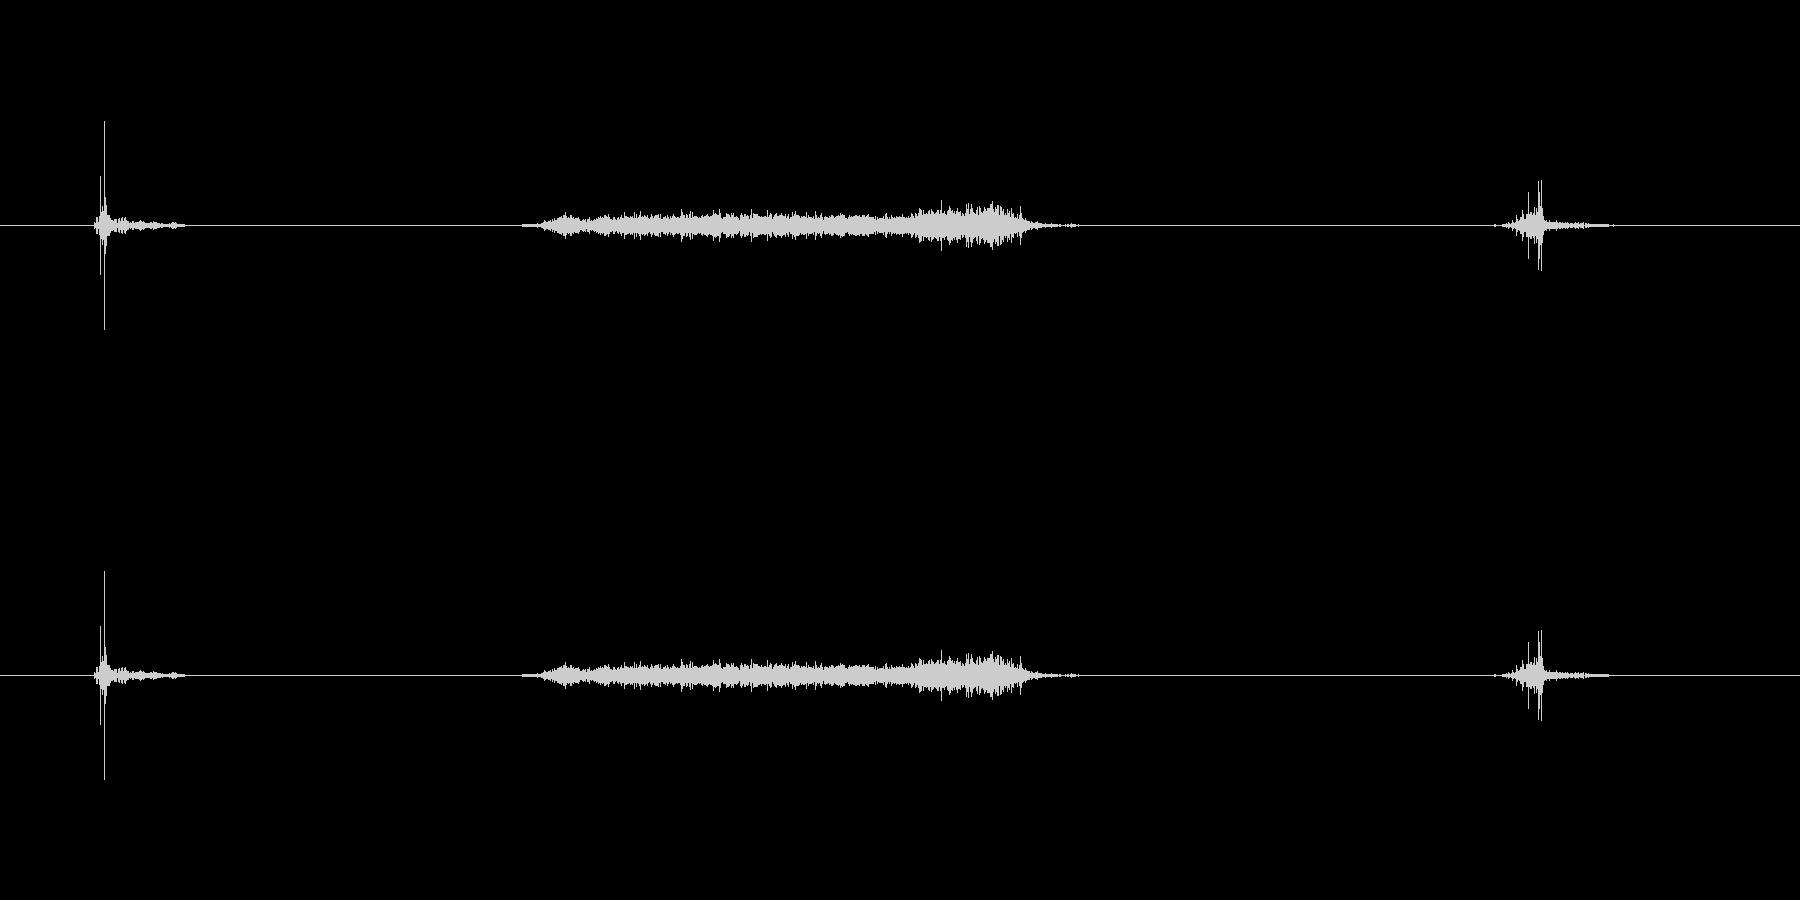 【スティックのり01-4(スワイプ)】の未再生の波形